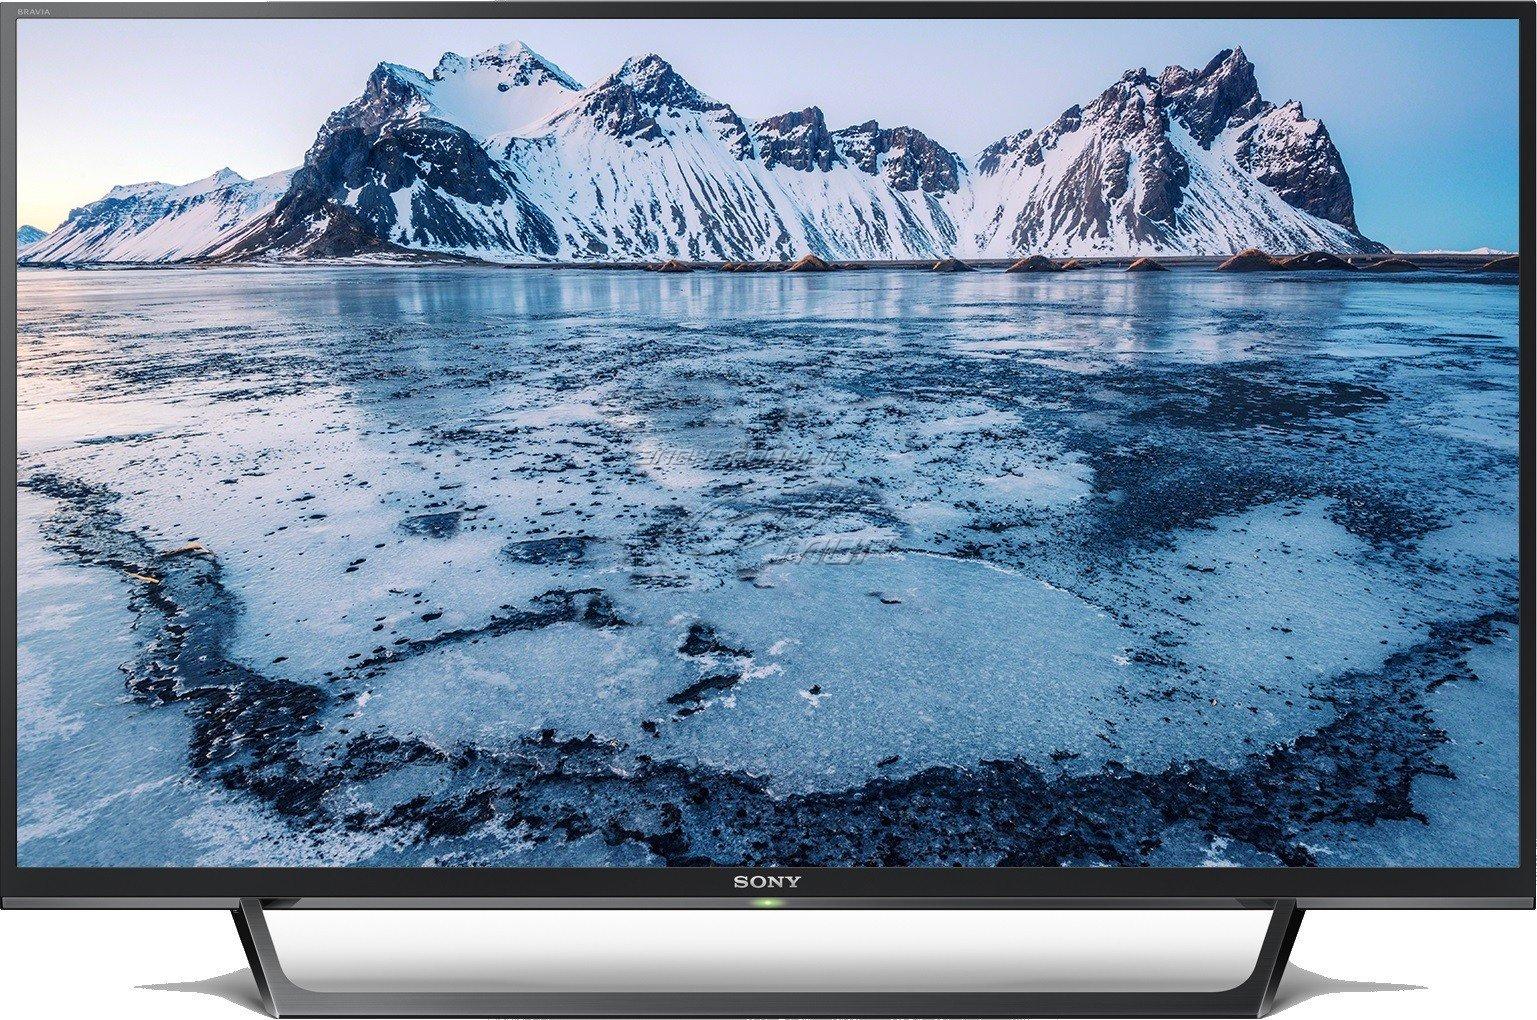 Топ5 телевизоров лета 2017 - телевизор Sony горы